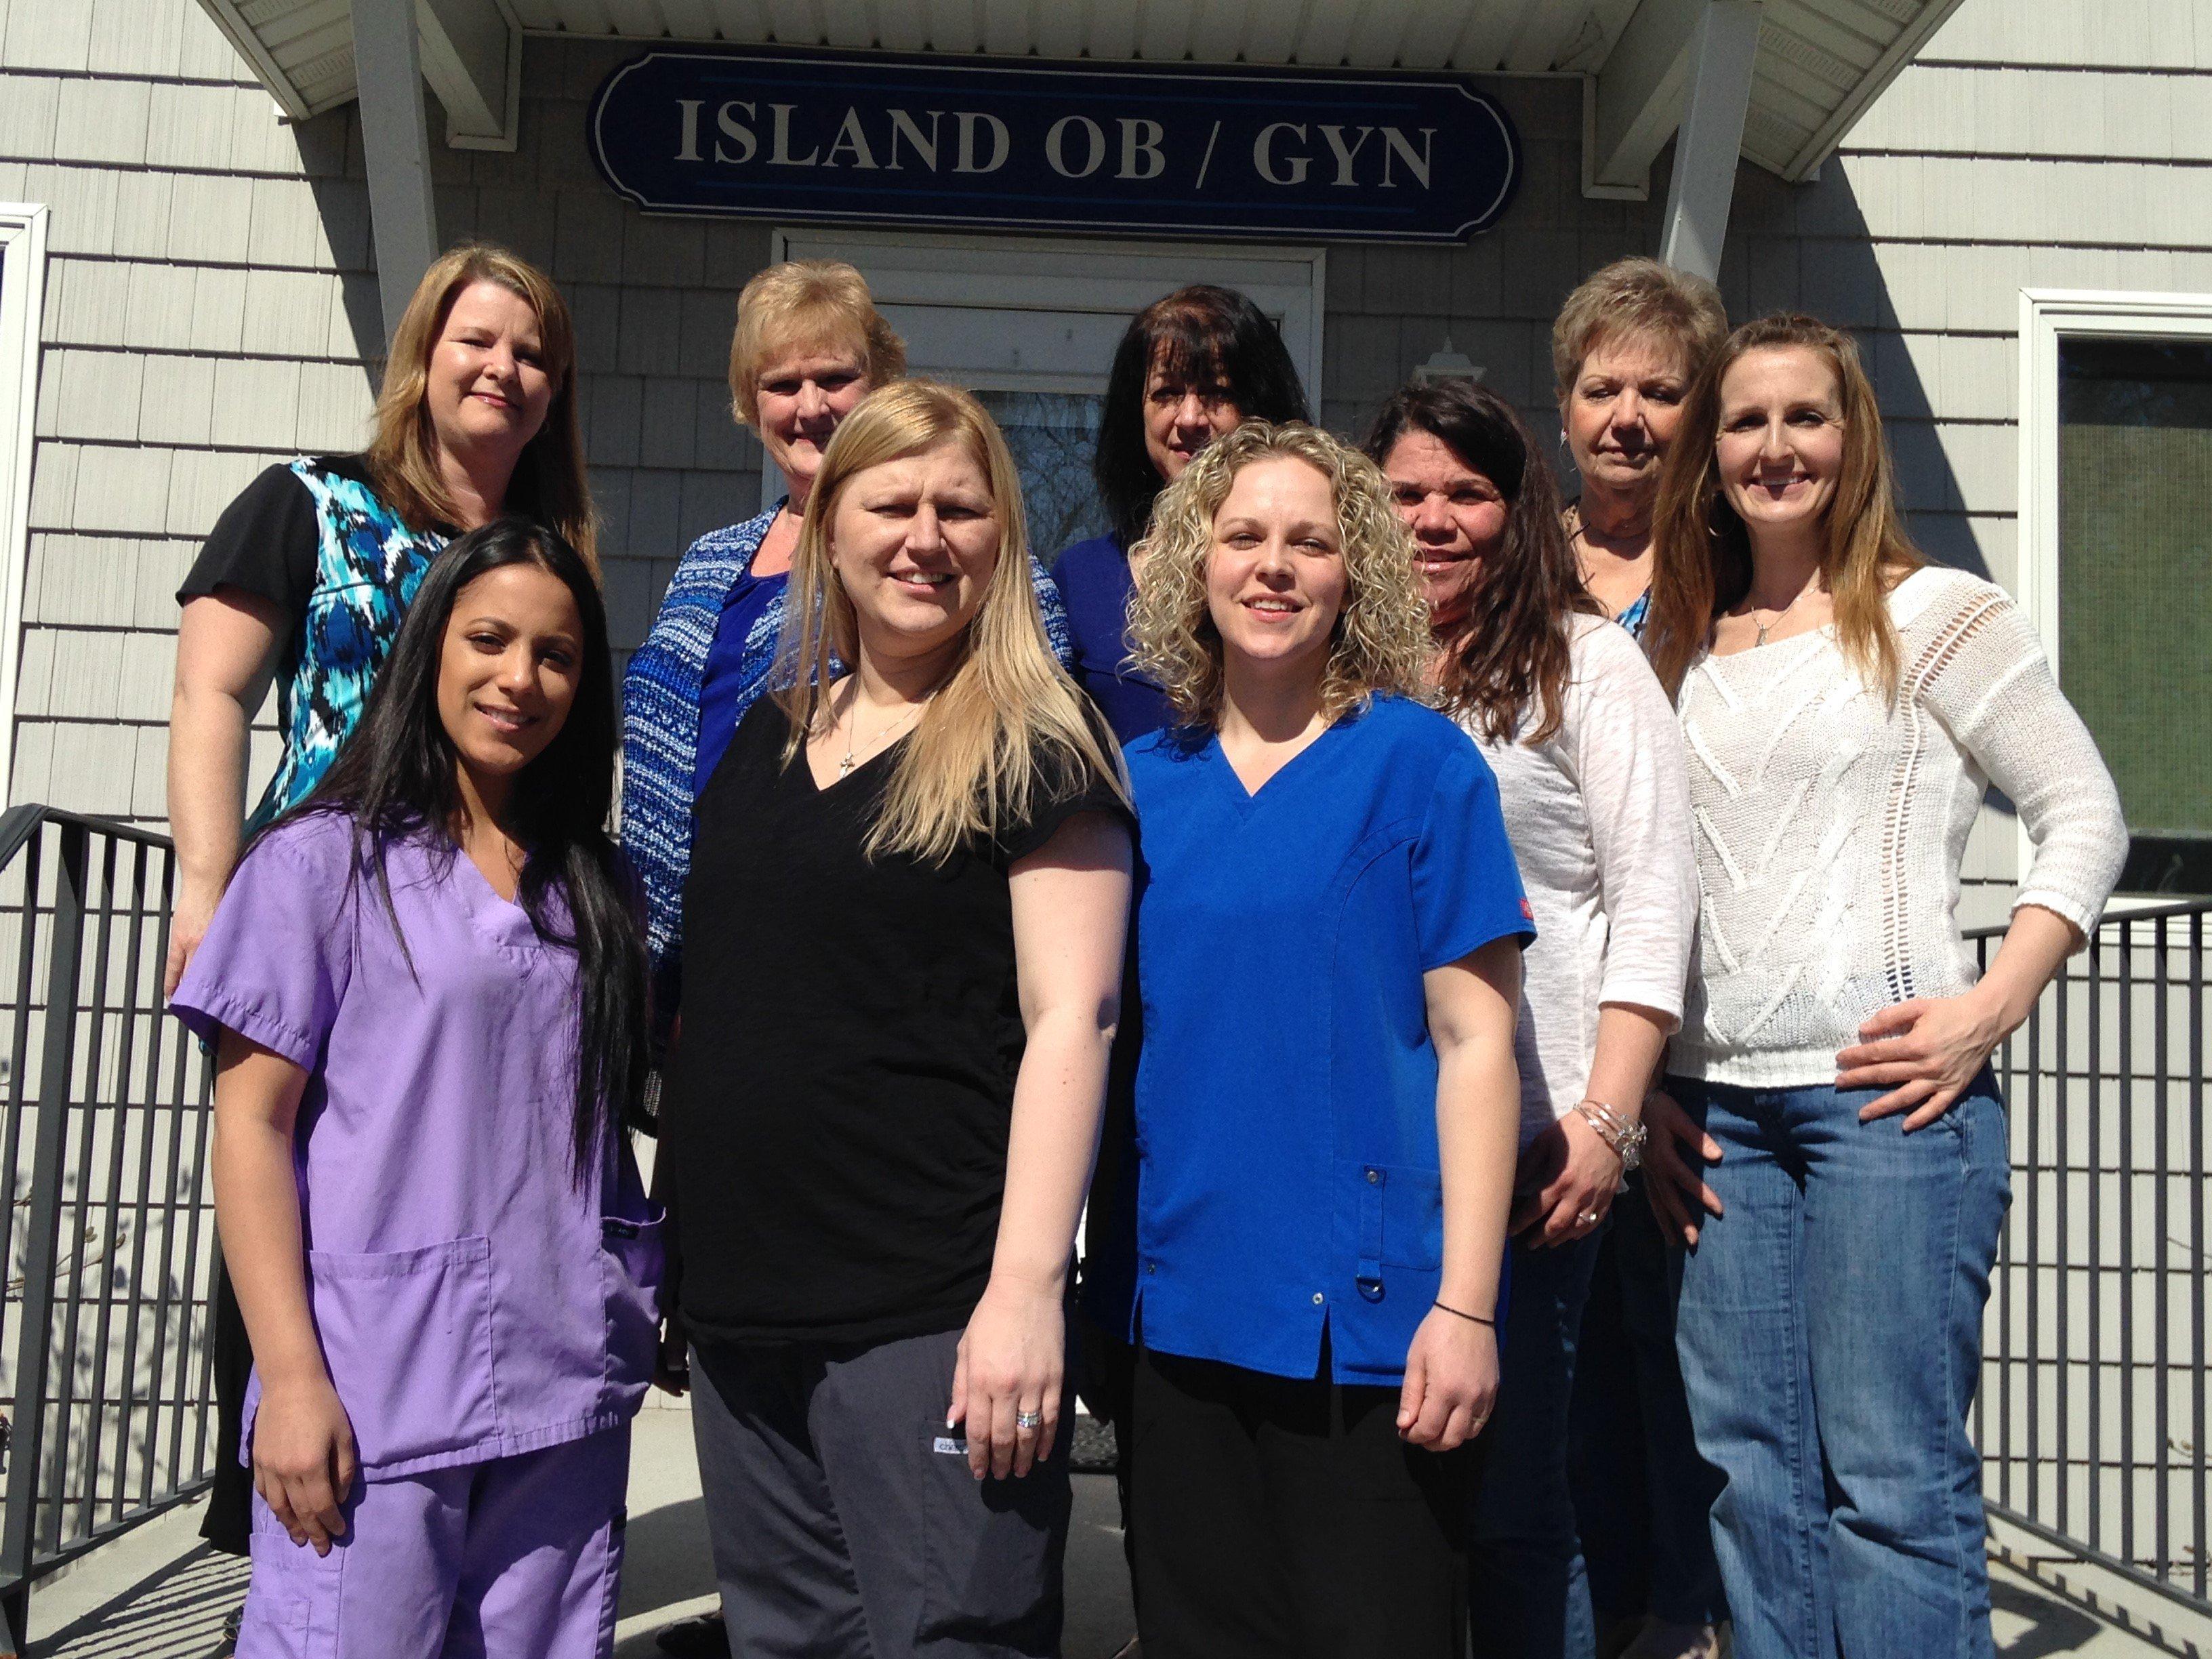 OB/GYN Specialist Port Jefferson, NY